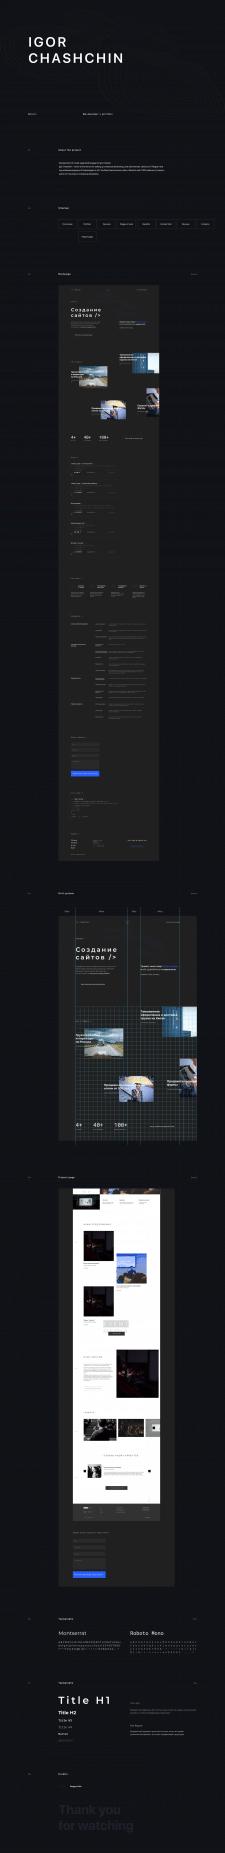 igor_chashchin web-developer's portfolio